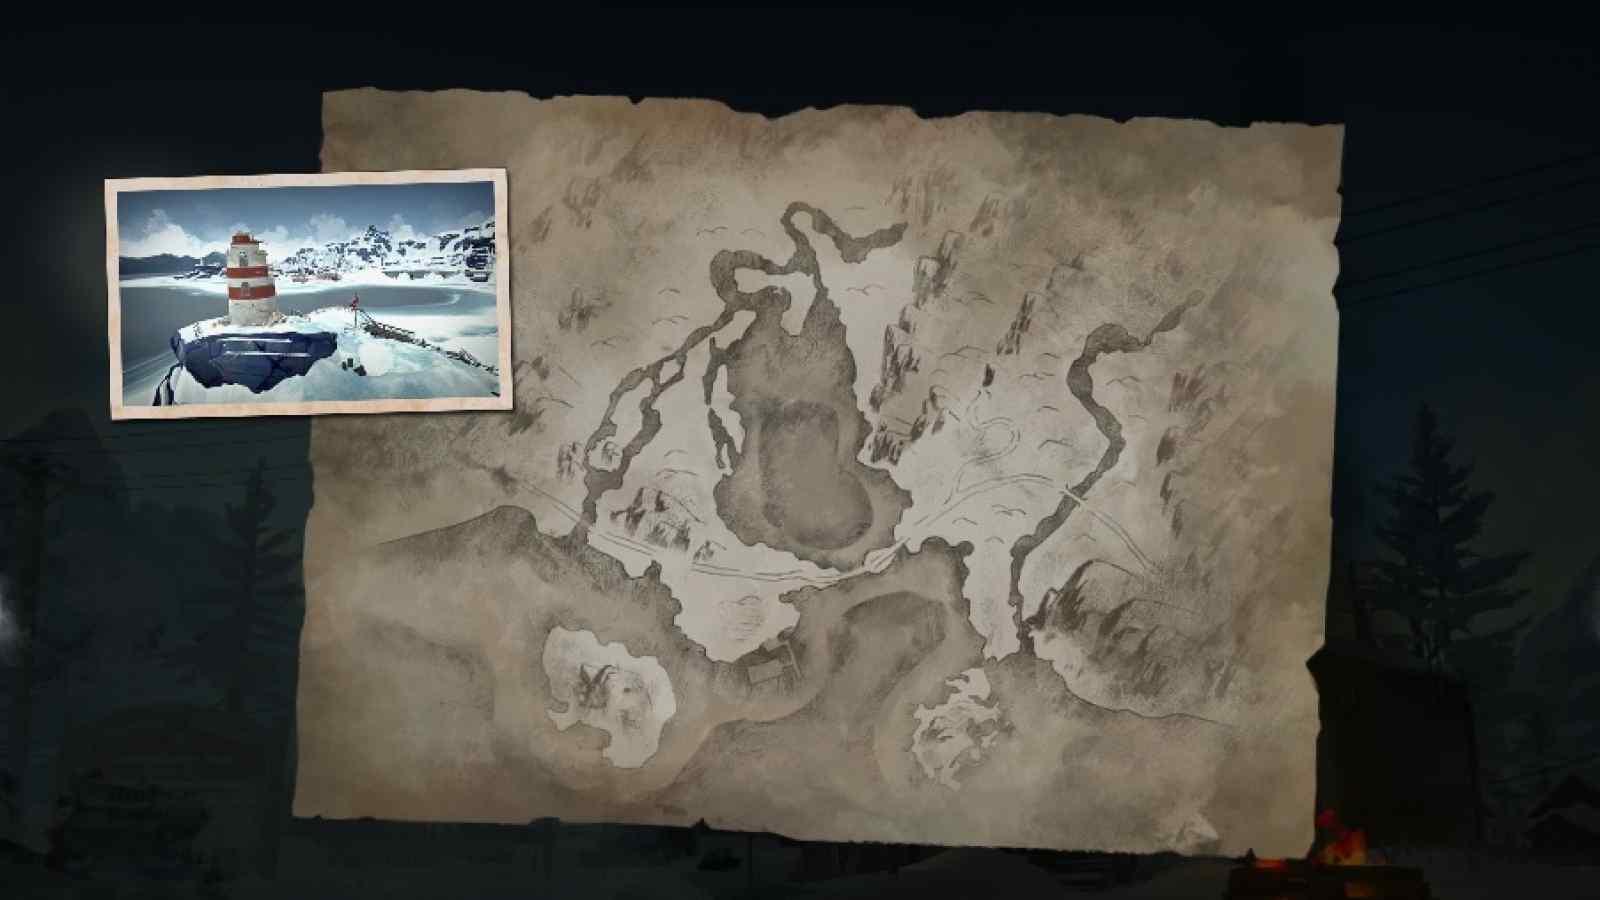 Заставка локации Бледная бухта в игре The long dark